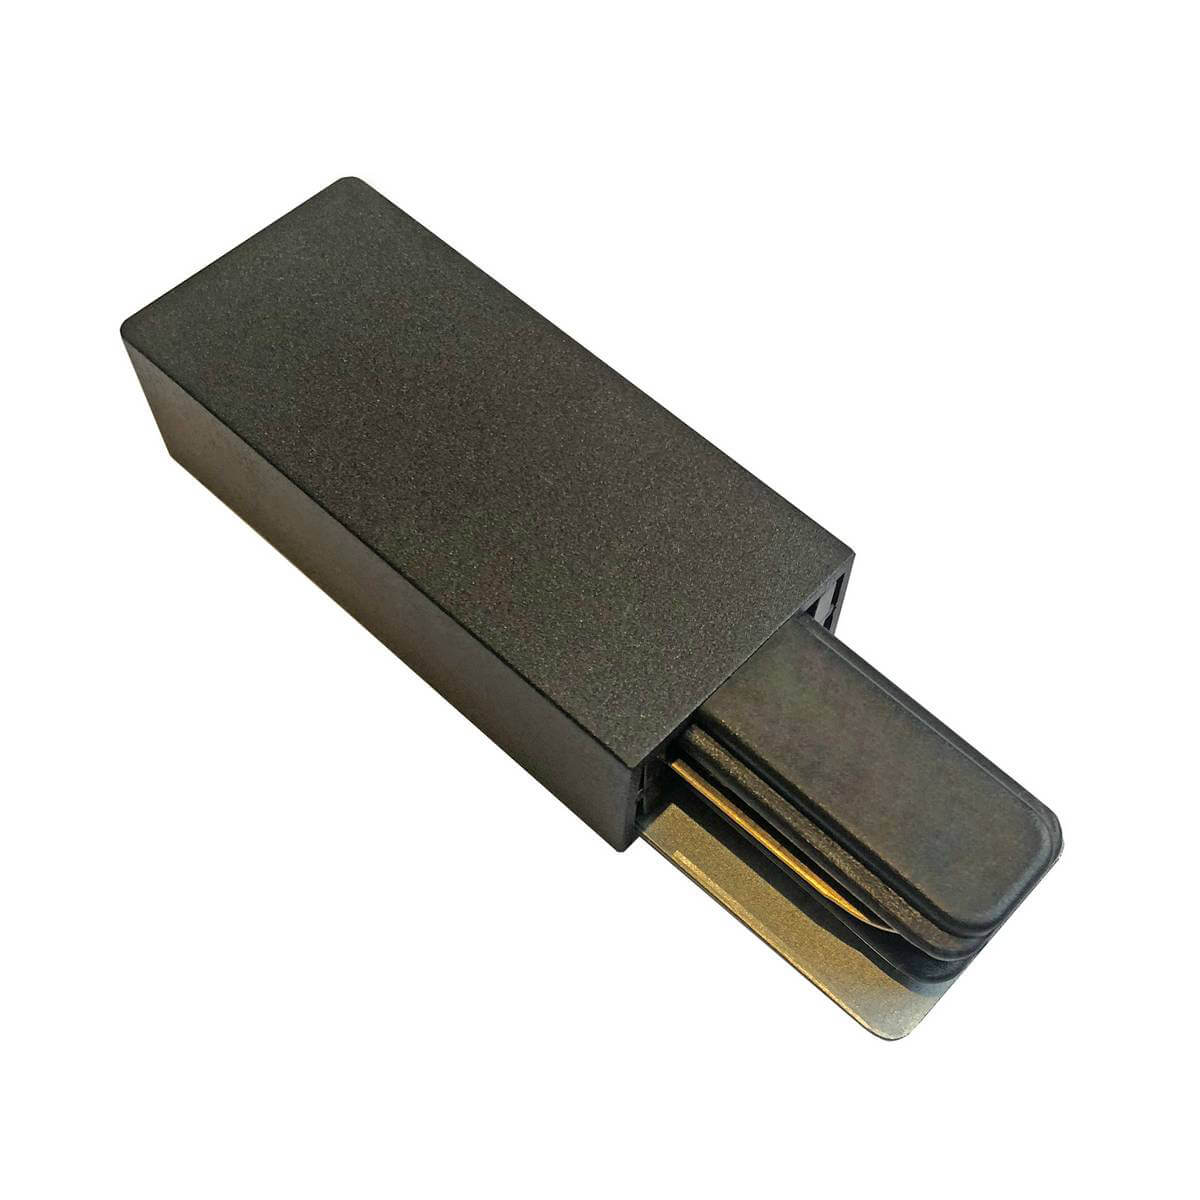 Ввод питания Volpe UBX-Q122 G01 BLACK 1 POLYBAG UBX-Q122